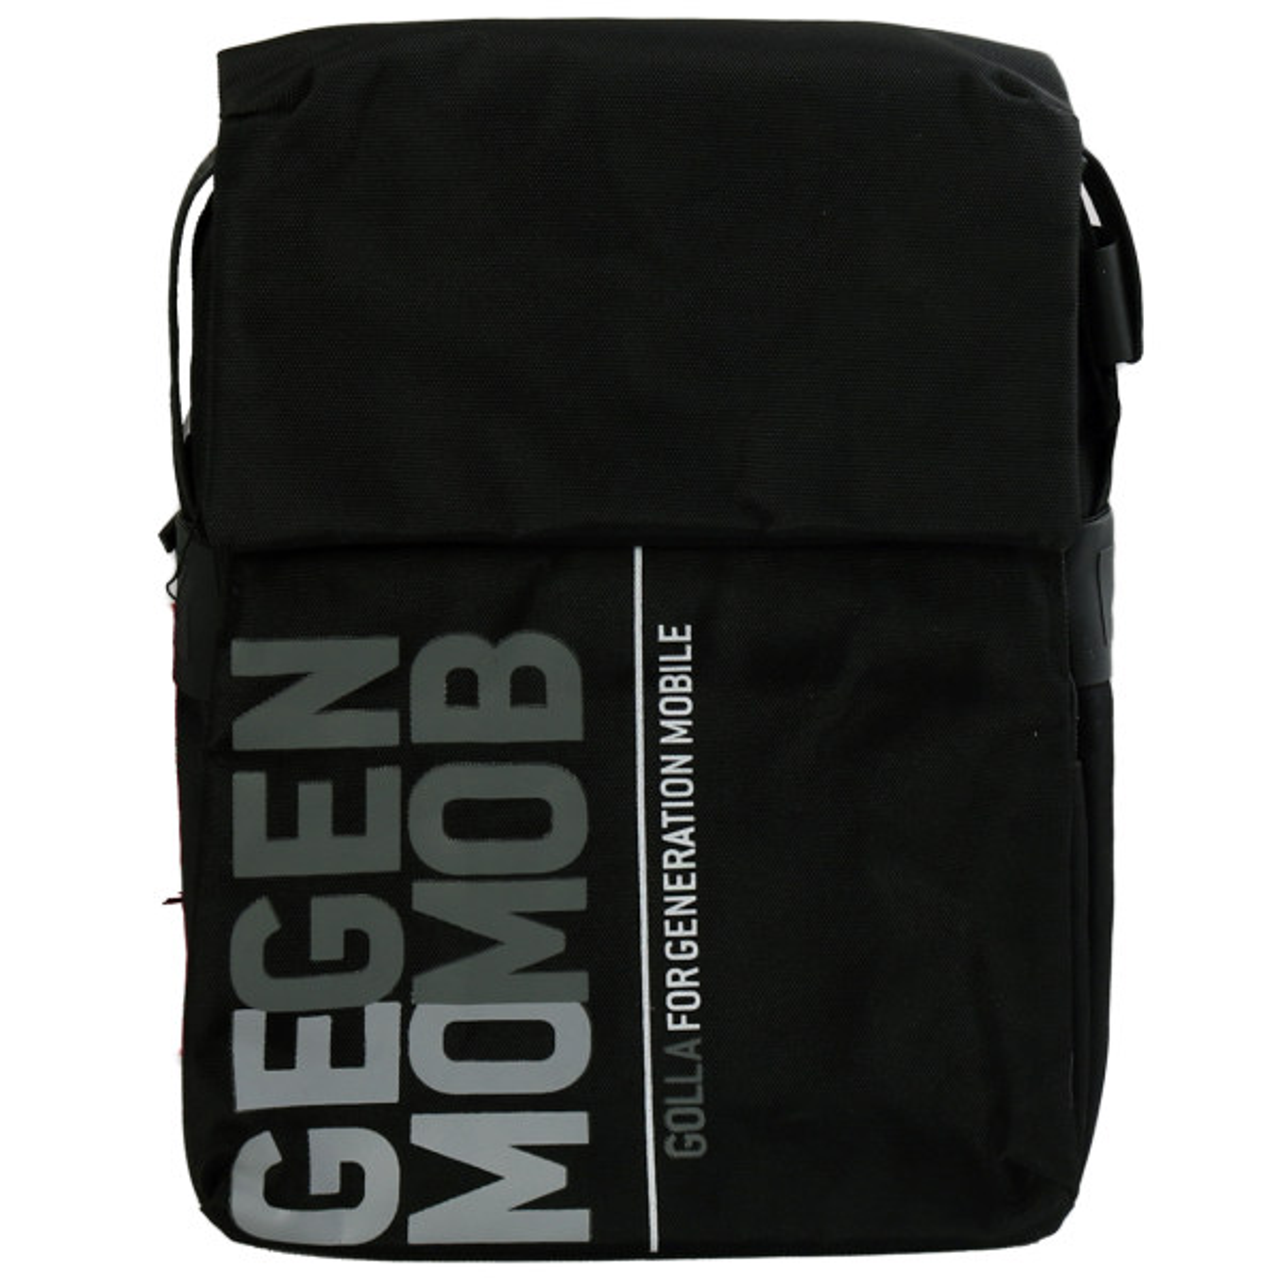 کیف تبلت گولا مدل G1055 مناسب برای تبلت سایز 11.6 اینچی